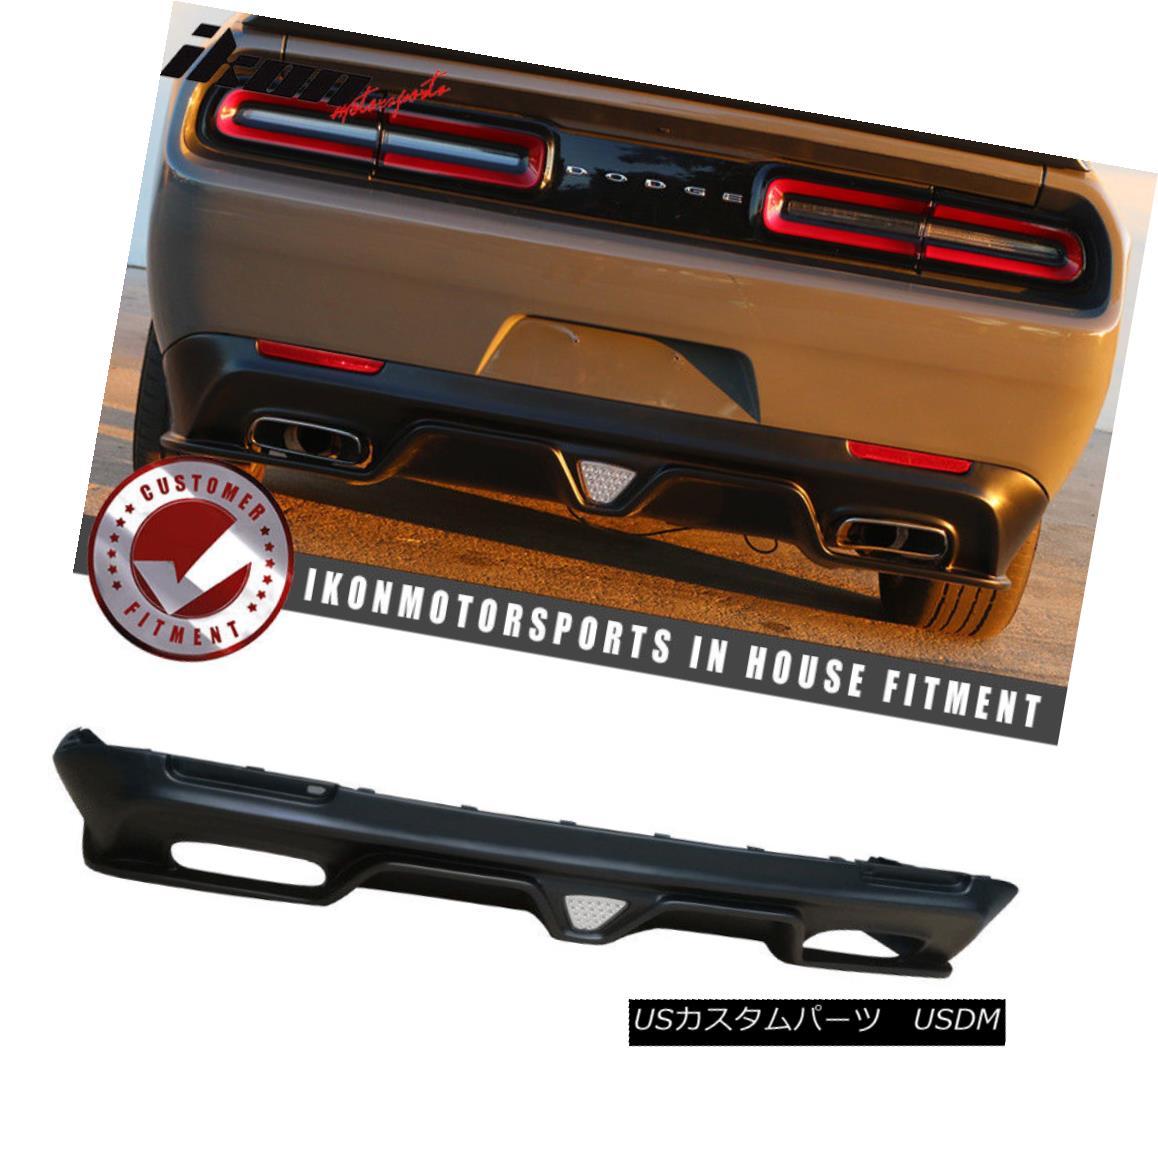 エアロパーツ Fit 15-18 Challenger SXT Style Rear Bumper Lip Diffuser+LED Brake Light Black PP フィット15-18チャレンジャーSXTスタイルリアバンパーリップディフューザー+ LEDブレーキライトブラックPP